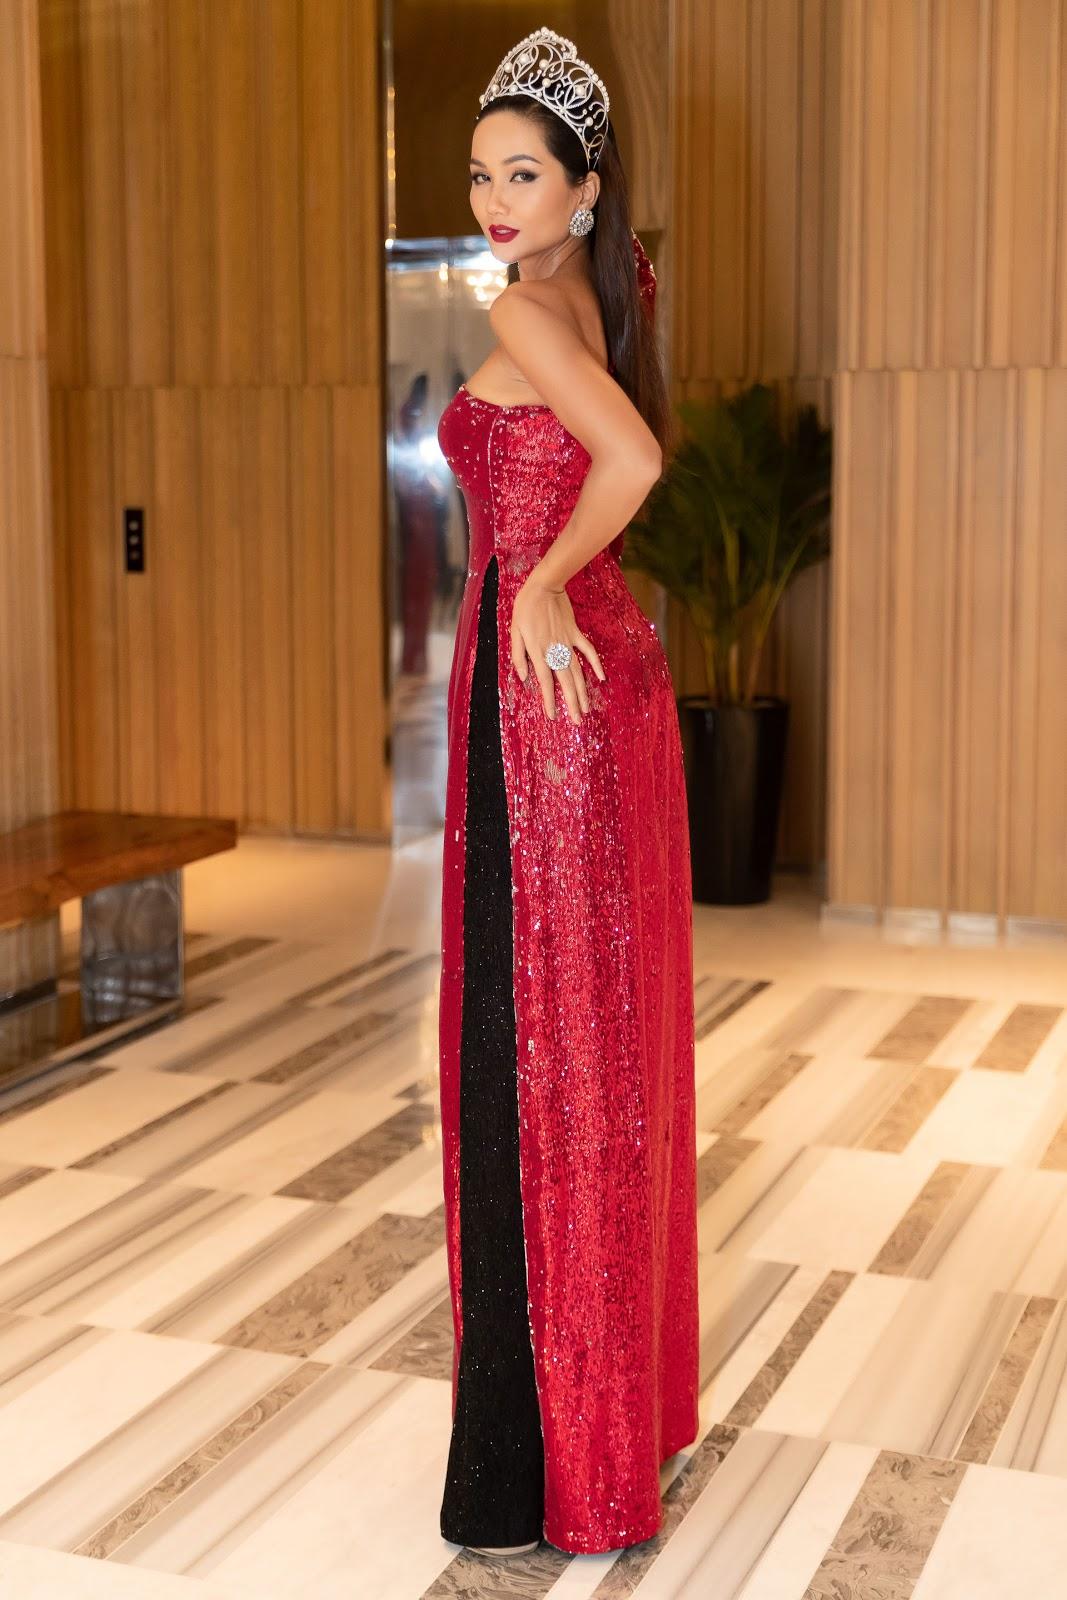 H'Hen Niê nối tóc dài, đội vương miện được chào đón như nữ hoàng tại Nha Trang - Hình 2